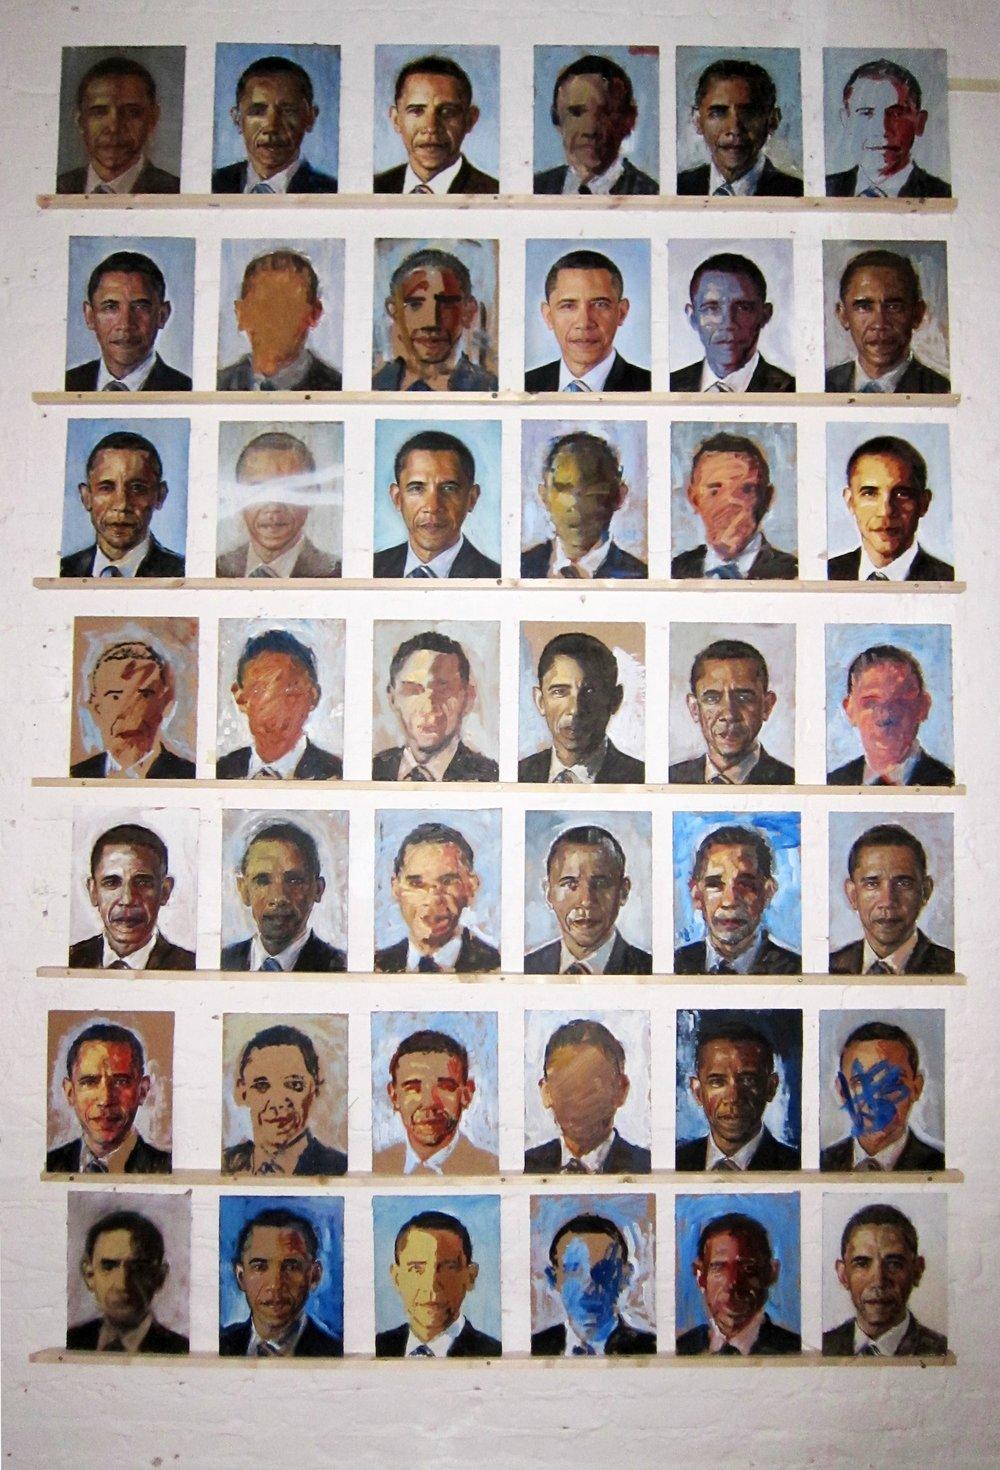 42 Obamas